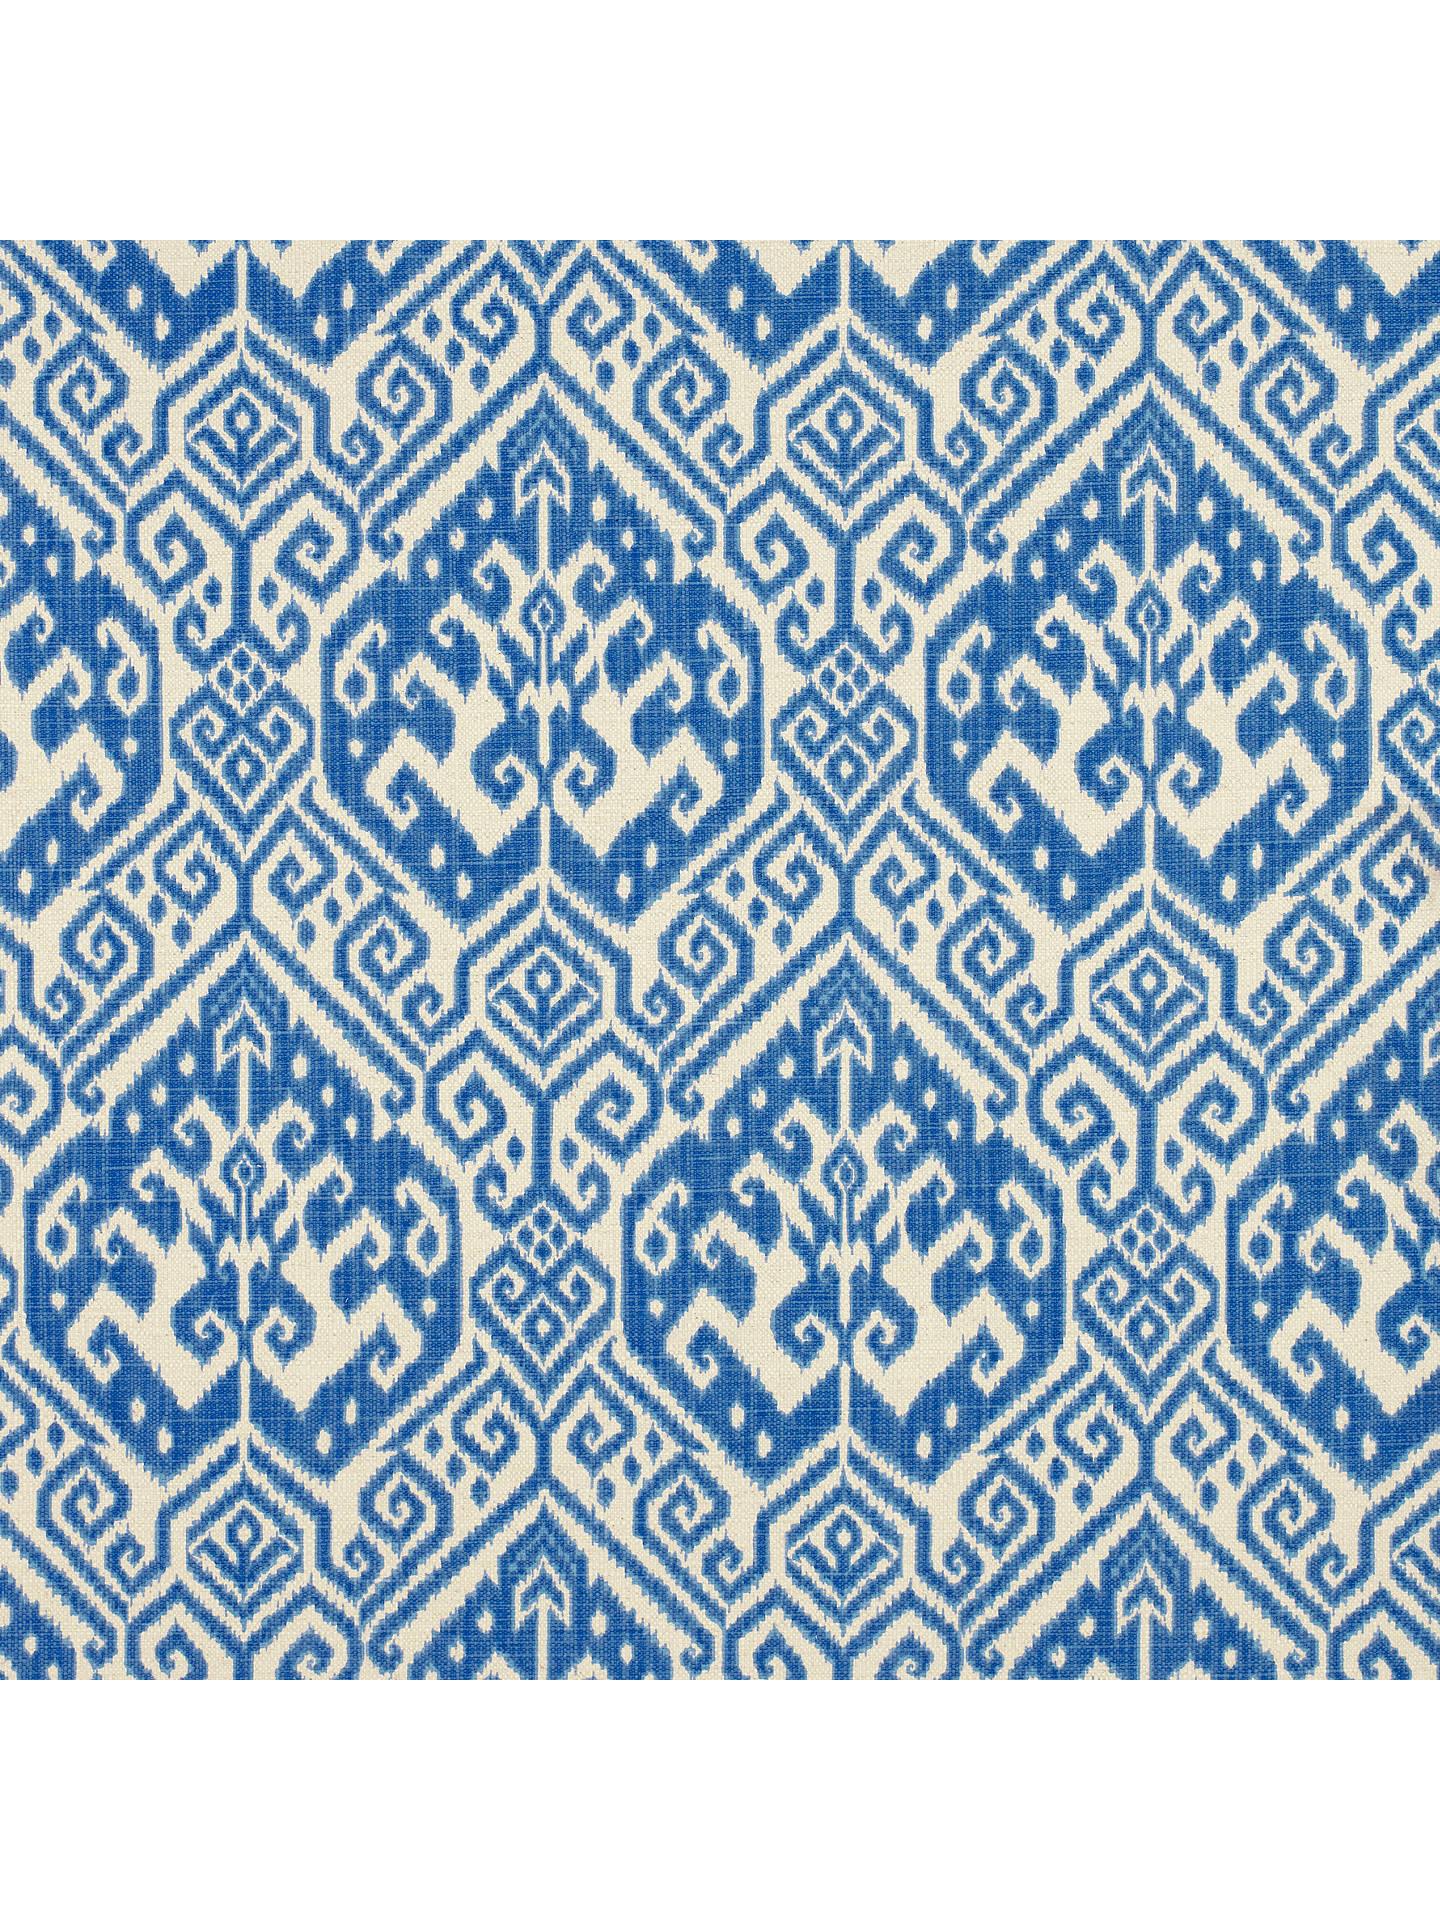 John Lewis Tilia Furnishing Fabric Blue Online At Johnlewis